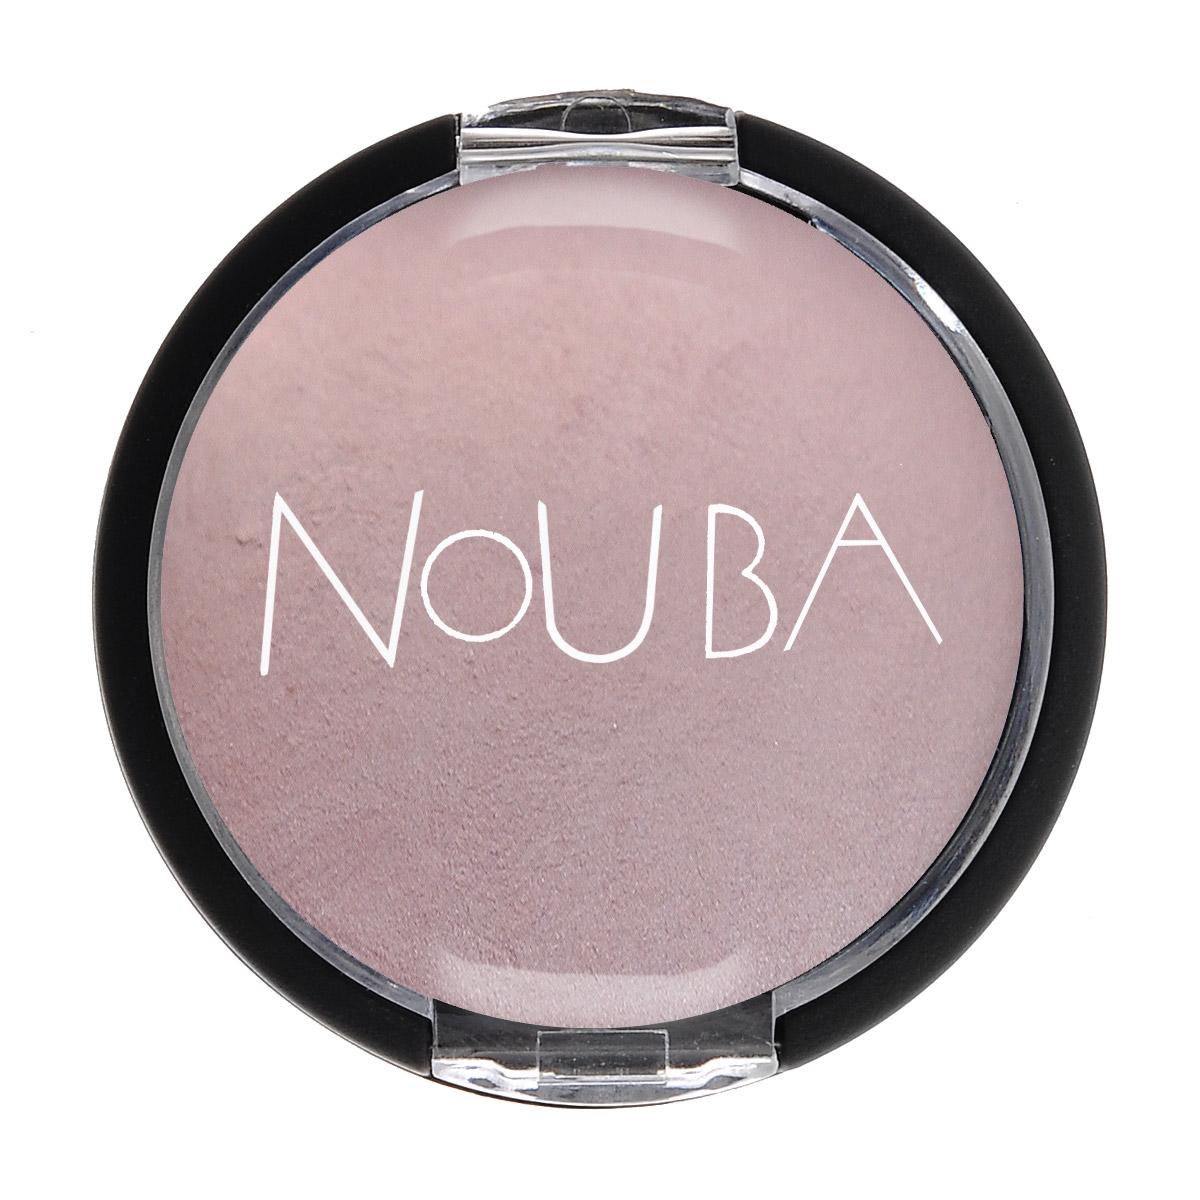 Nouba Тени для век Nombra, матовые, 1 цвет, тон №406, 2 гB2272300Запеченные матовые тени Nouba Nombra обогащены увлажняющими компонентами, ухаживающими за чувствительной кожей век, и включают в себя элементы, обеспечивающие максимальную стойкость и матовость макияжу глаз. Легчайшая вуаль теней безупречно ложится на веки, превращаясь в прекрасную основу для эффекта smokey eyes и для любого типа стрелок. К теням прилагается аппликатор. Характеристики:Вес: 2 г. Тон: №406. Артикул: N33406. Товар сертифицирован.